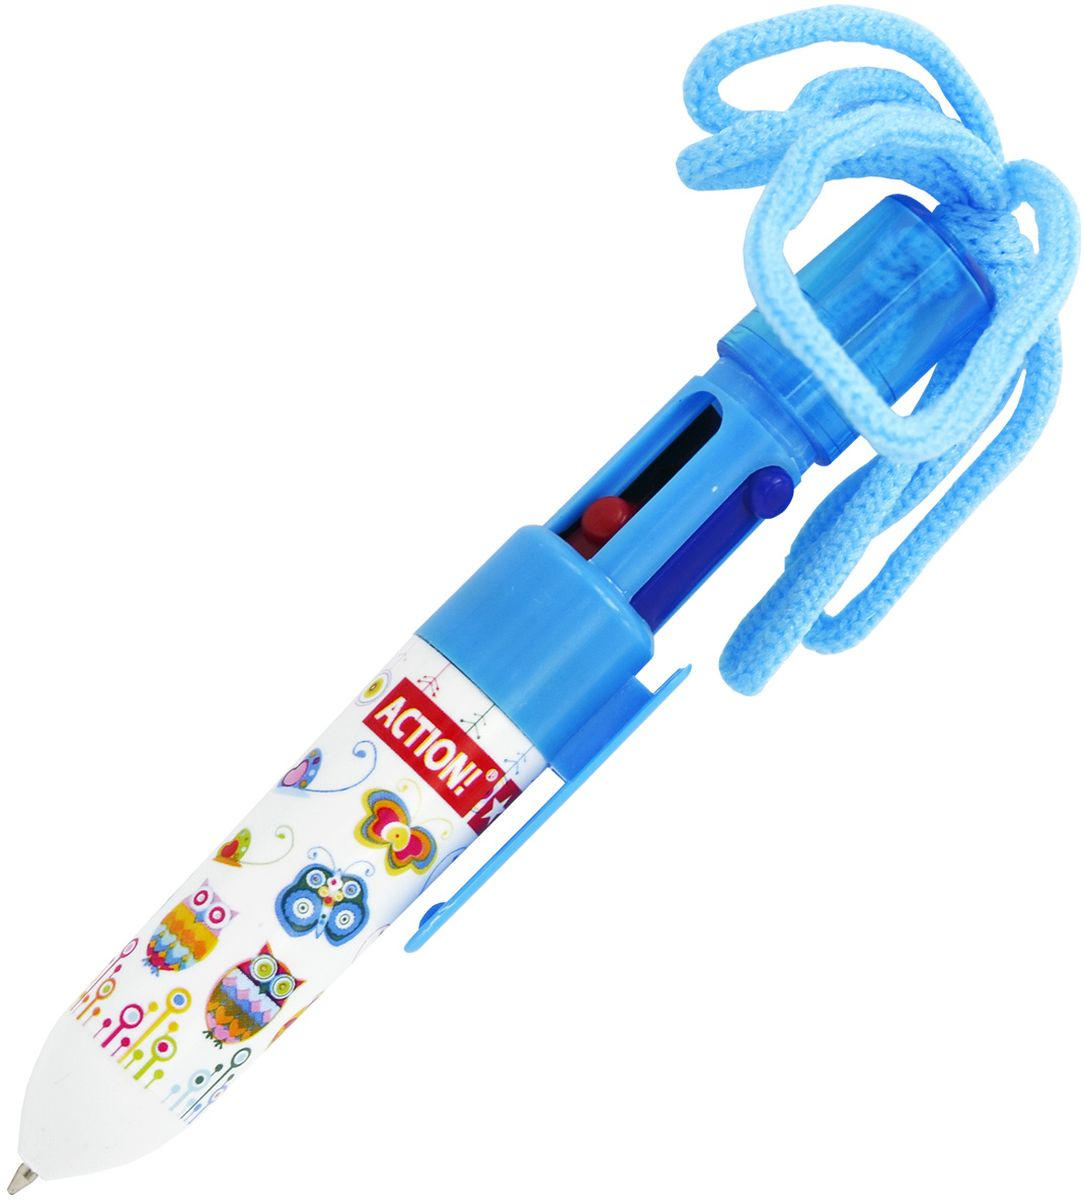 Action! Ручка шариковая на шнурке 4 цвета72523WDПластиковый корпус. 4 цвета в одной ручке: черный, синий, зеленый, красный. На шнурке. Диаметр шарика - 0,7 мм. В пакете с европодвесом.